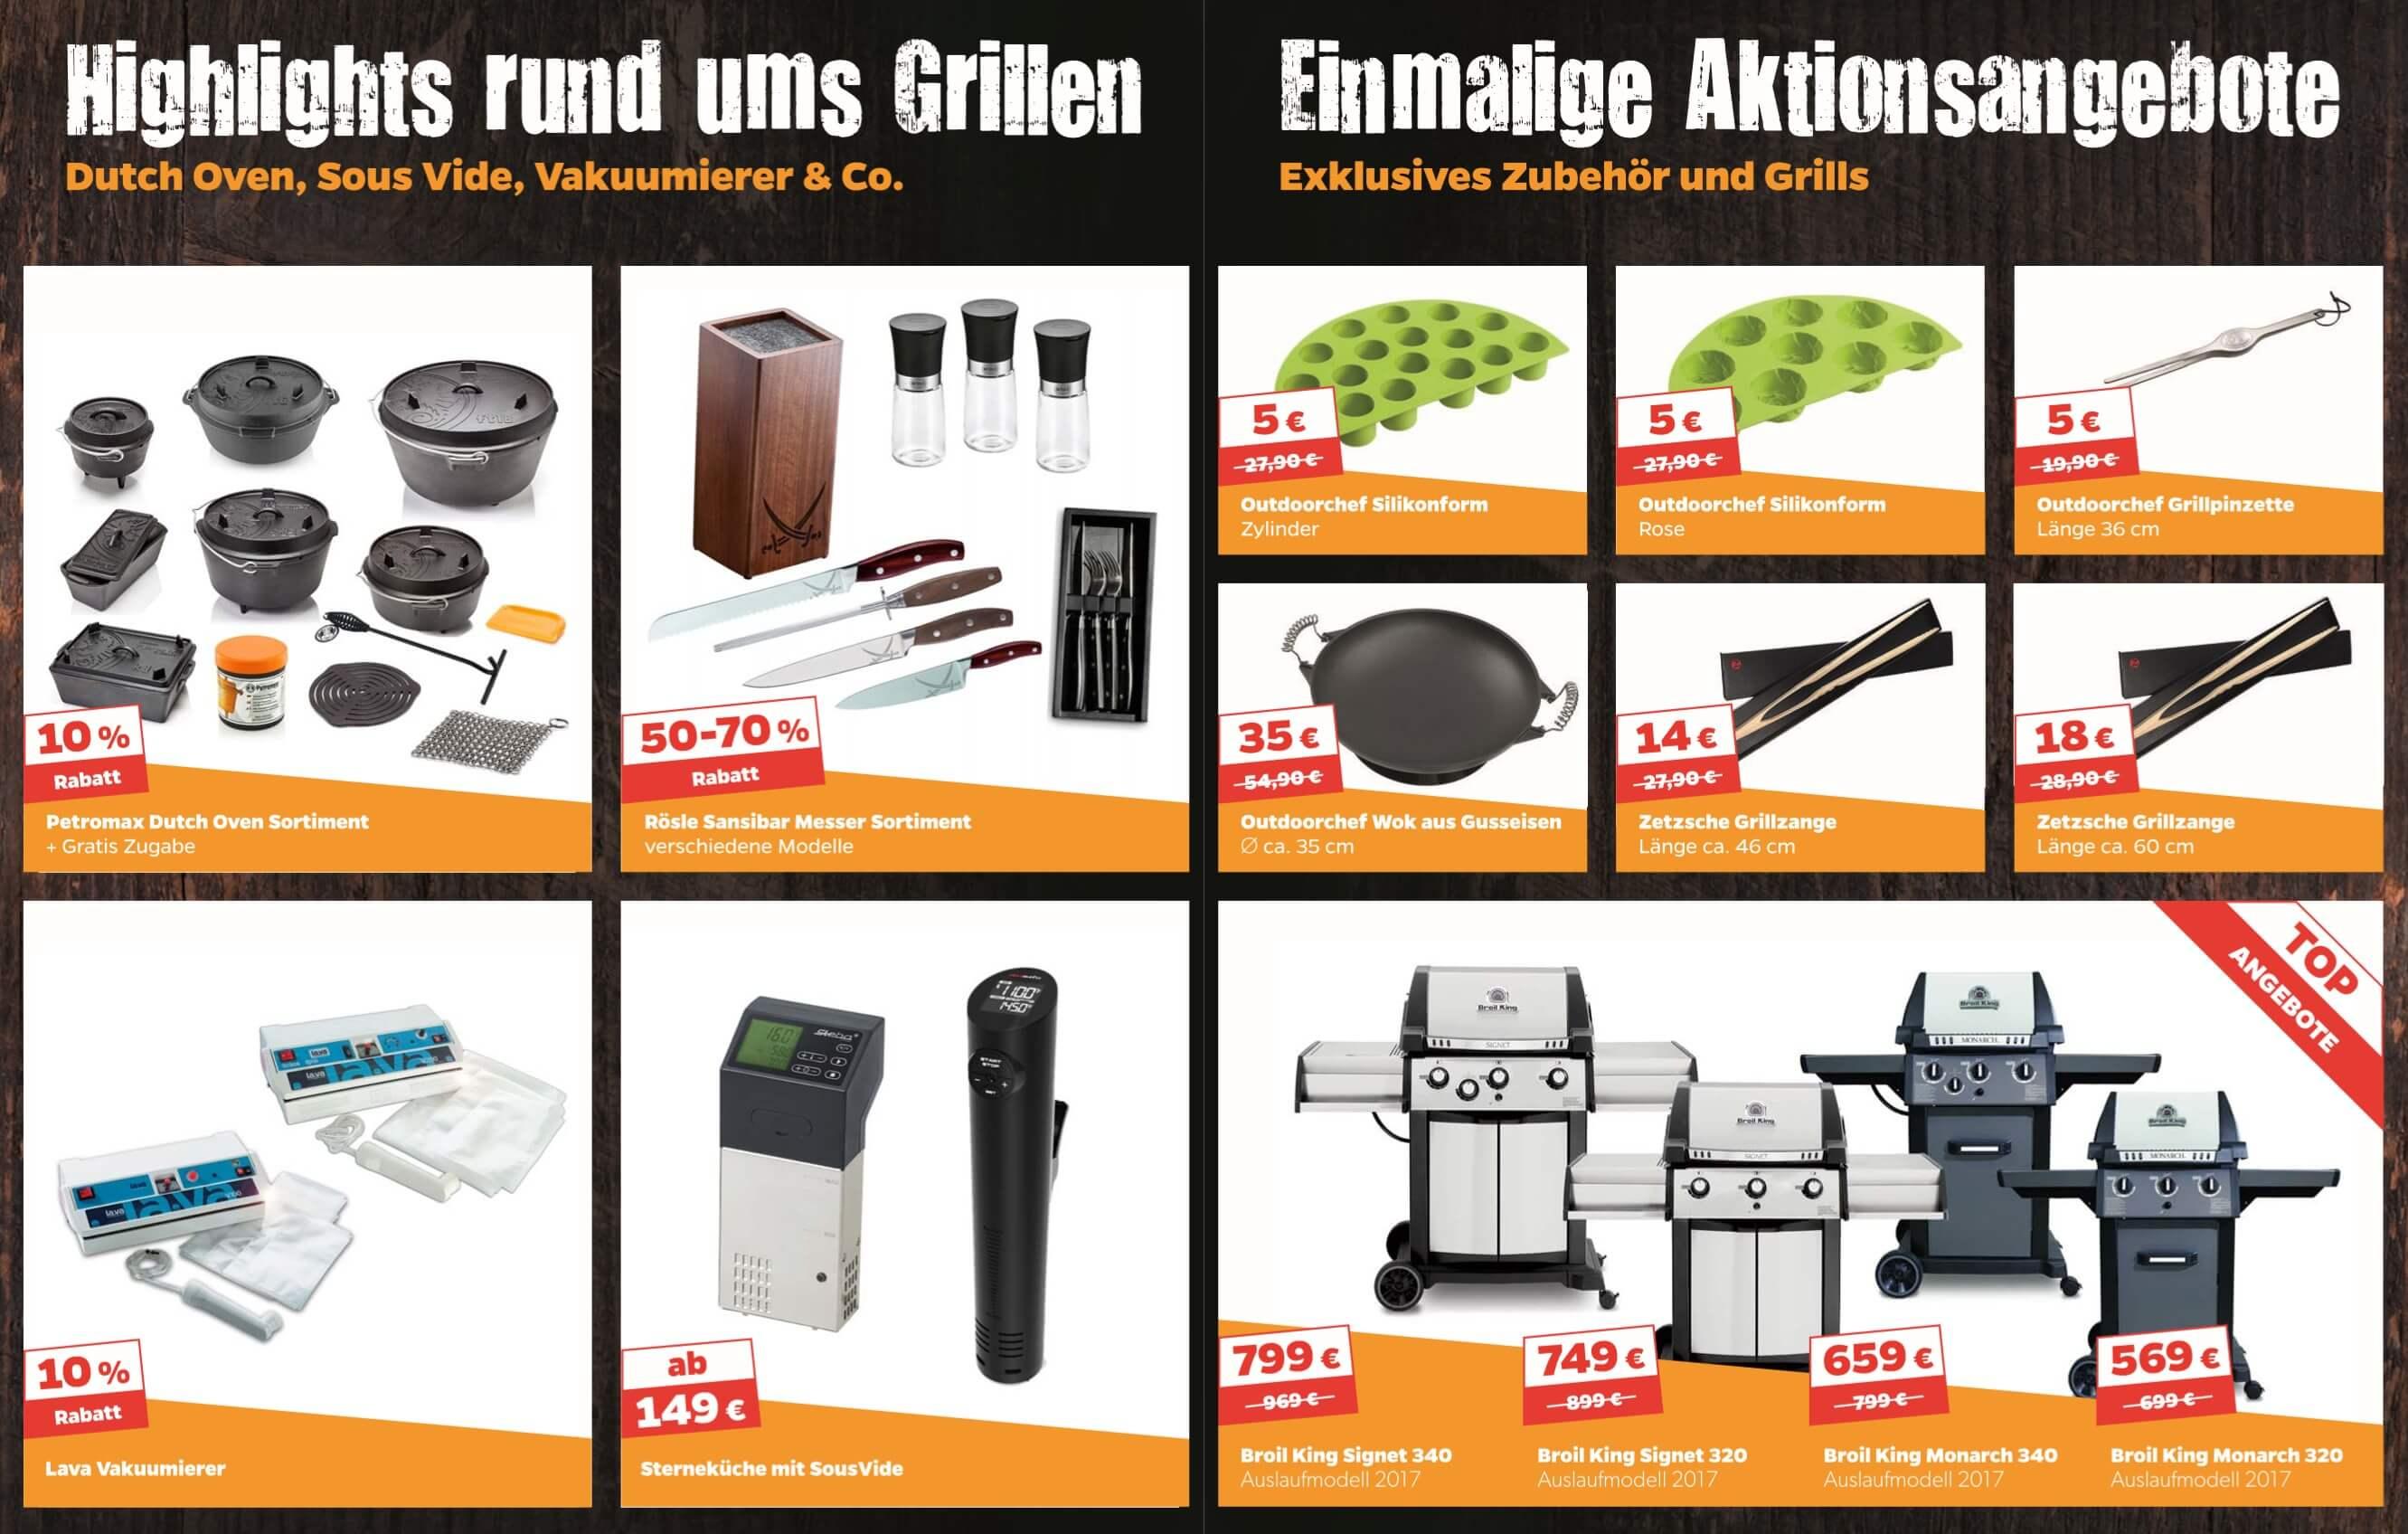 grillfürst grillmesse 2018-GrillfuerstTrendmesse2018Messeangebote03-Grillfürst Grillmesse 2018 auf der Trendmesse in Fulda vom 15.-18.03.